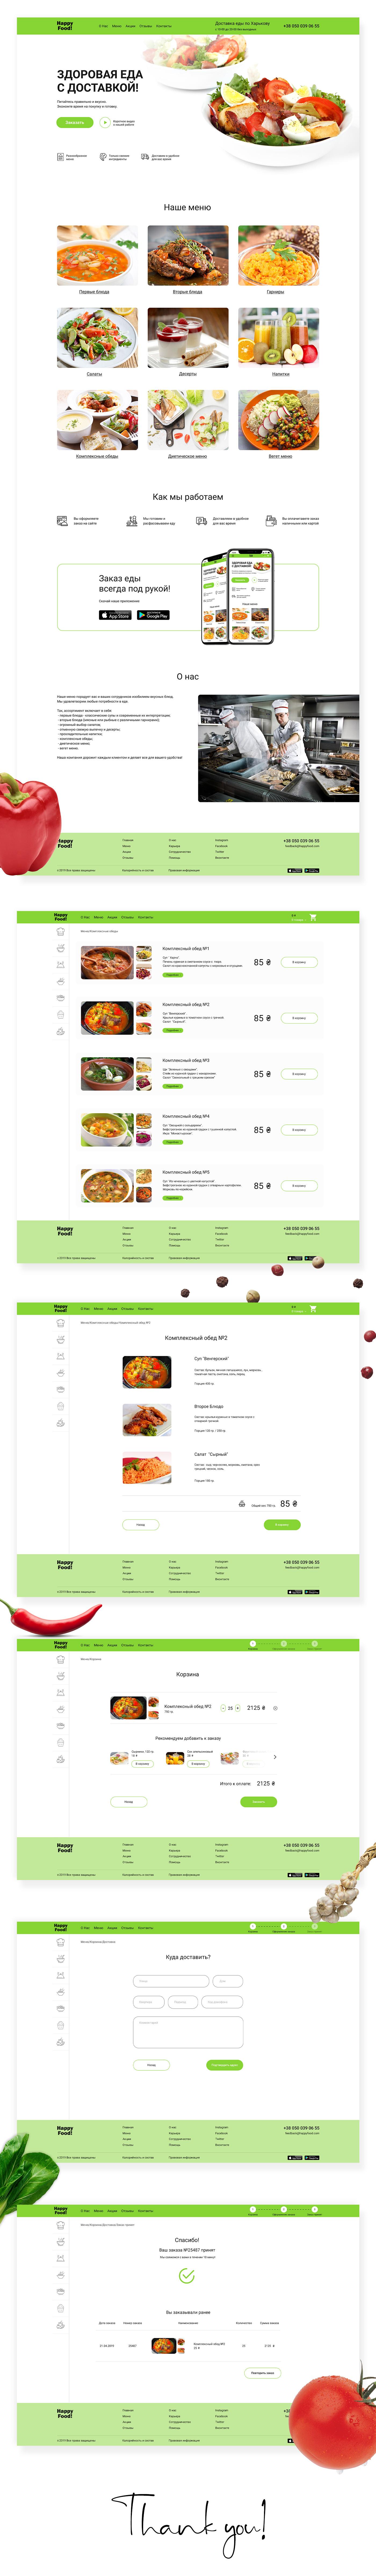 web site online store Online shop landing page UX/UI Designer Figma Web designer design Web Design  concept